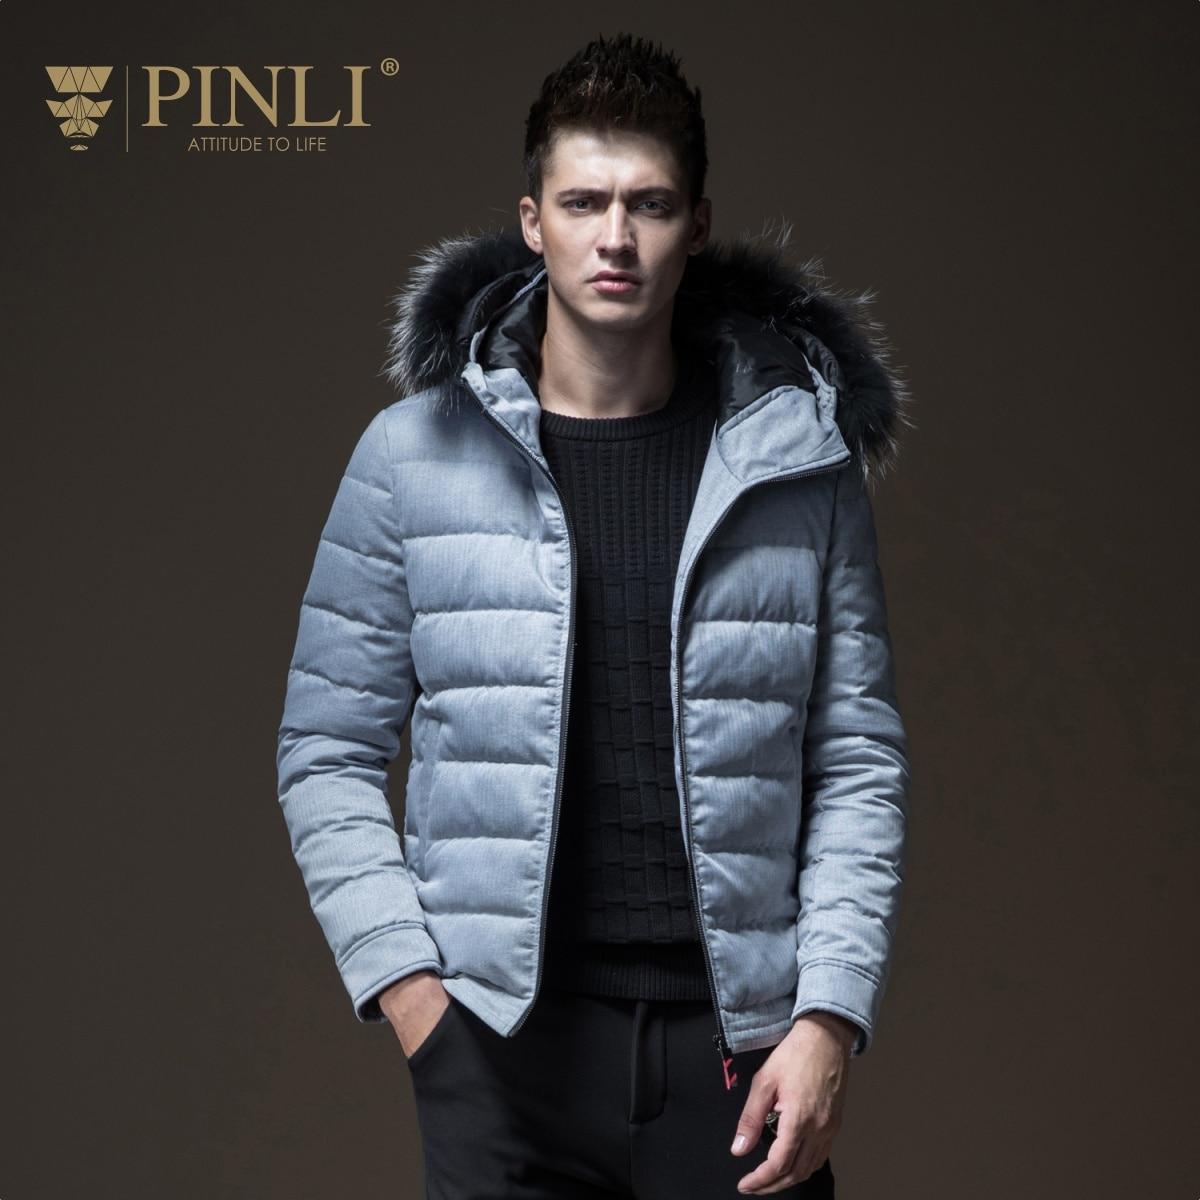 241b4c997 2019 Chaquetas Hombre Winter Jackets Mens Real Casacos Pinli Pin Li ...